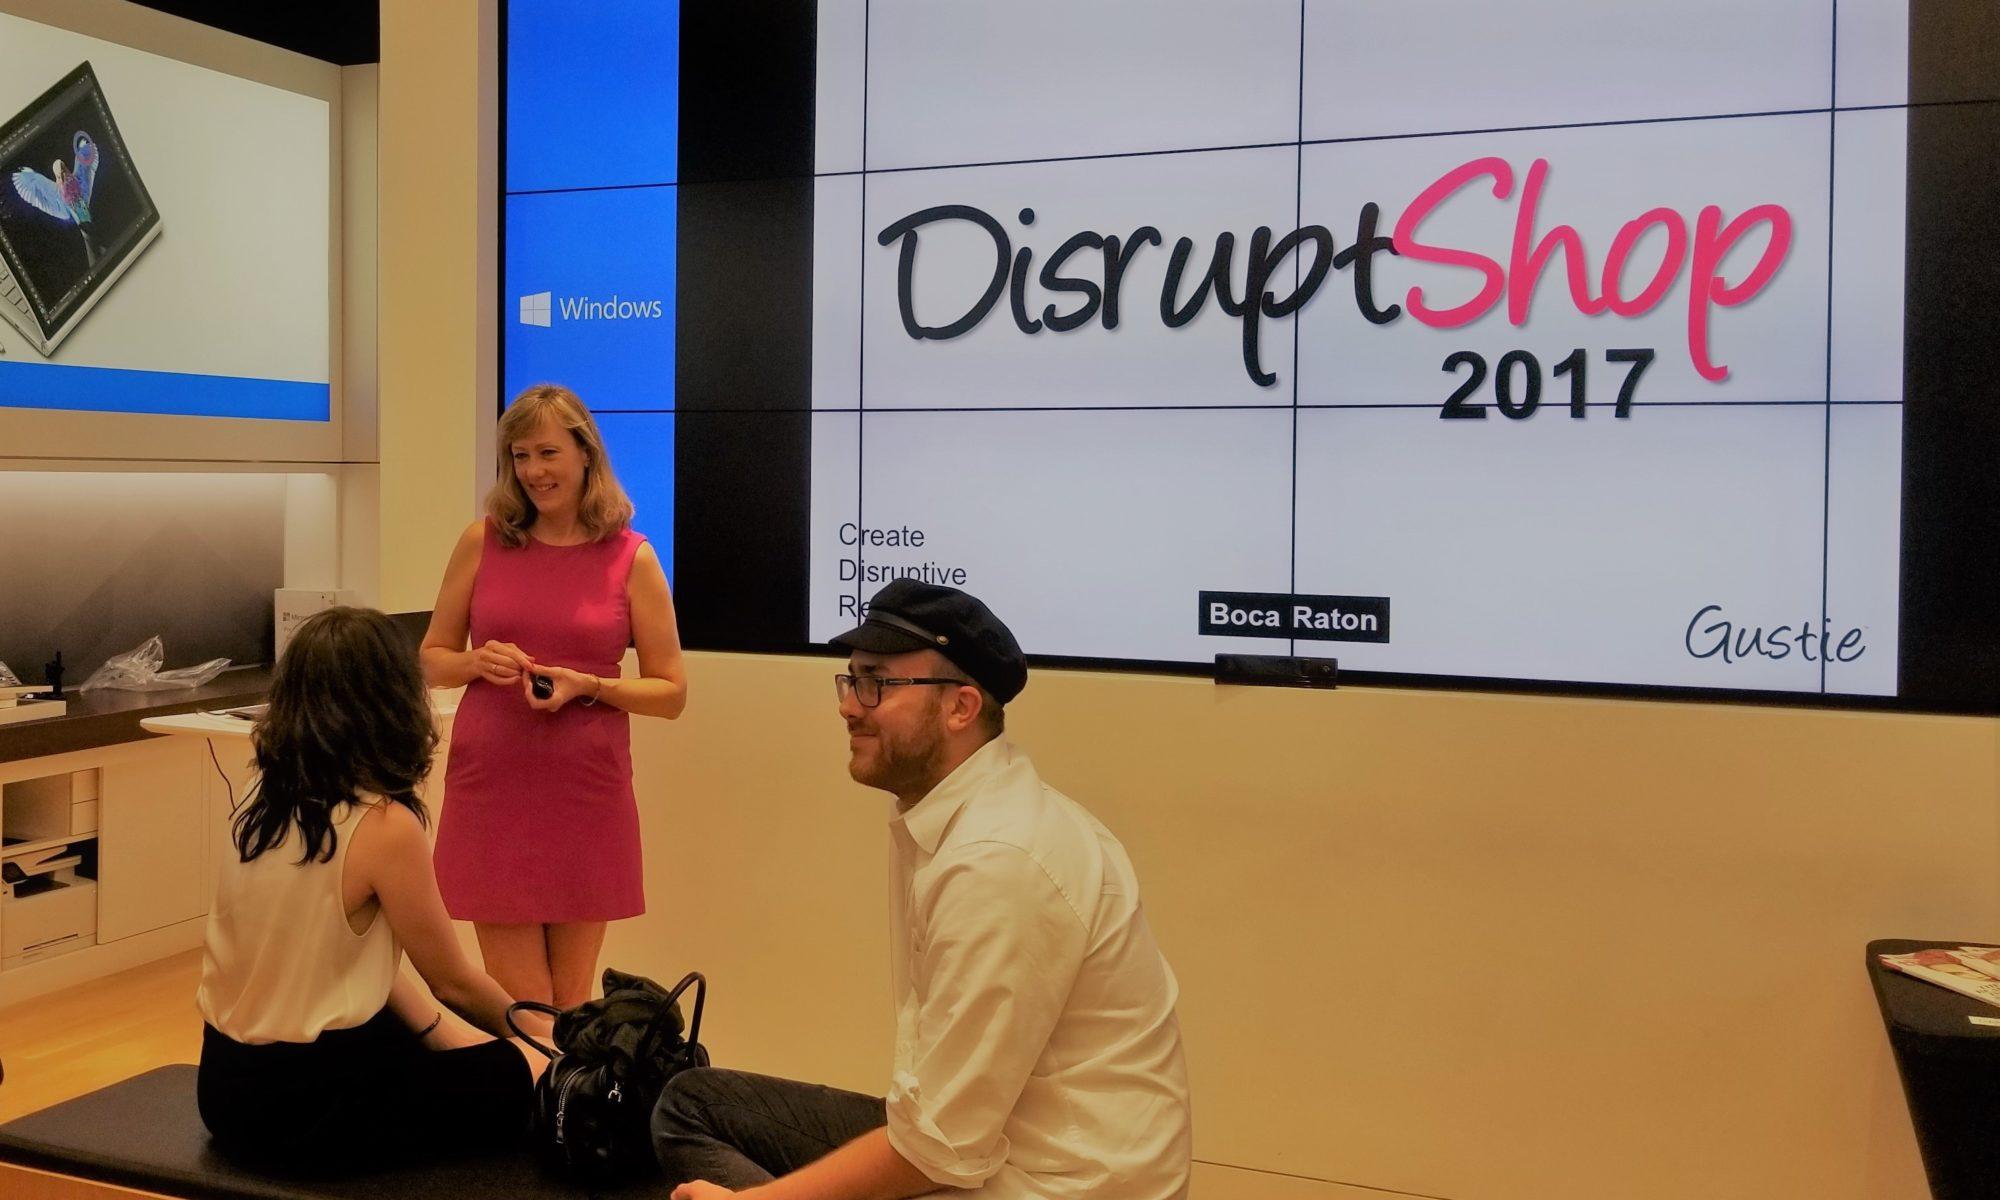 Gustie Creative DisruptShop